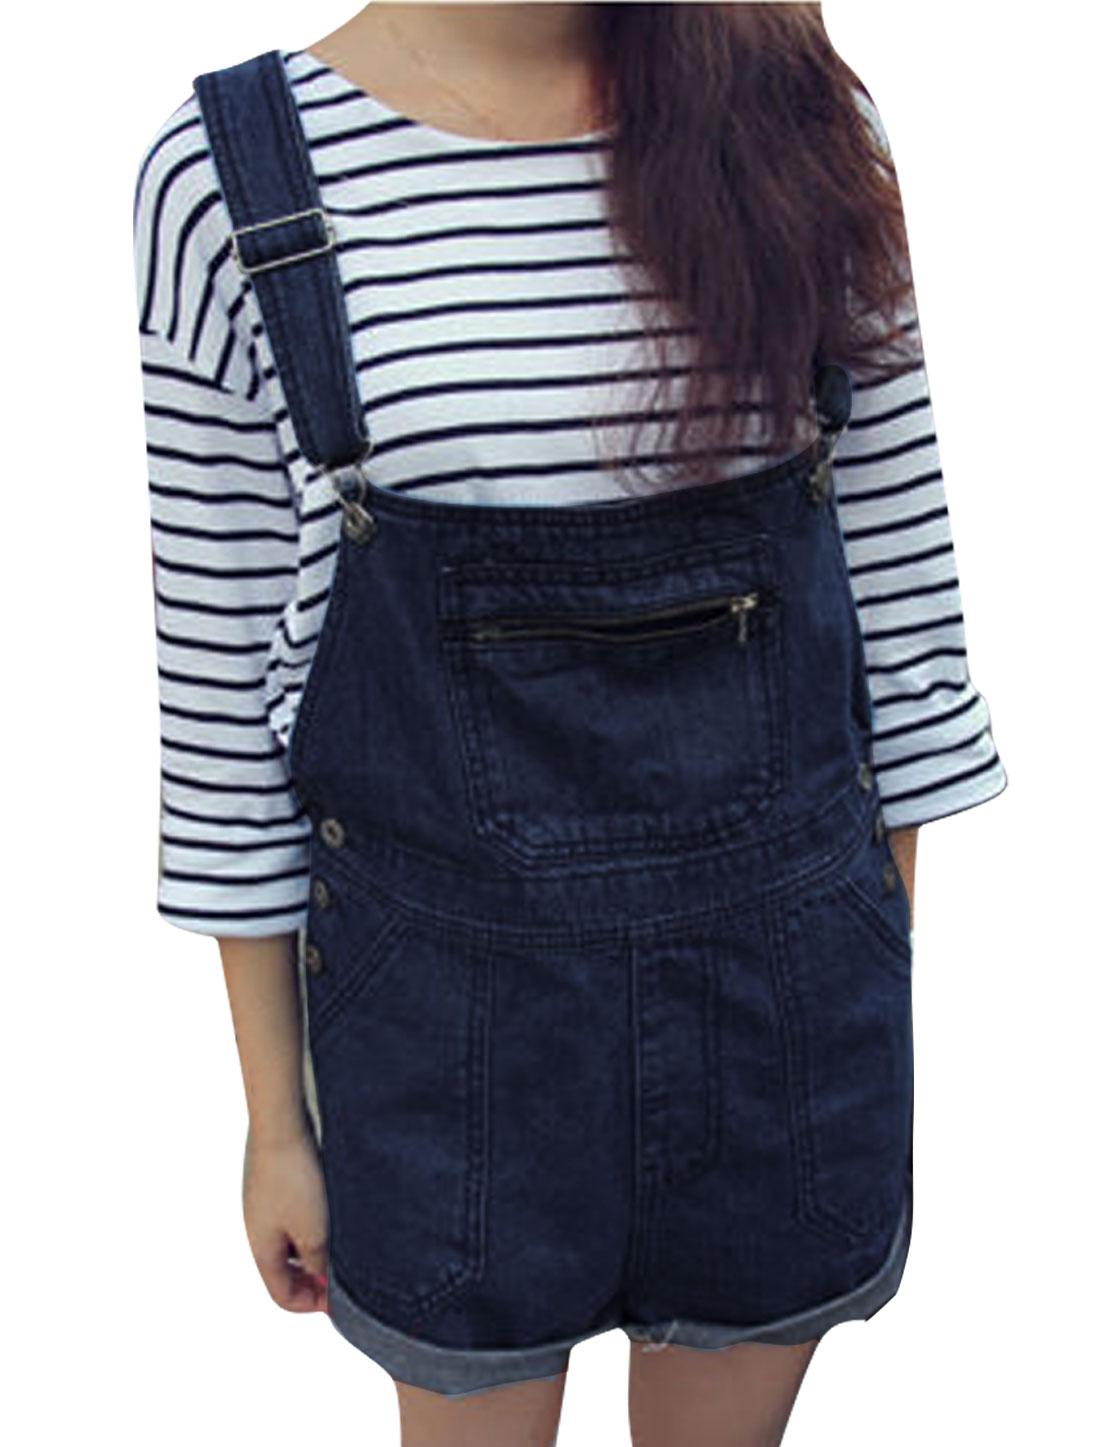 Women Adjustable Straps Zip Up Pocket Front Overalls Navy Blue S